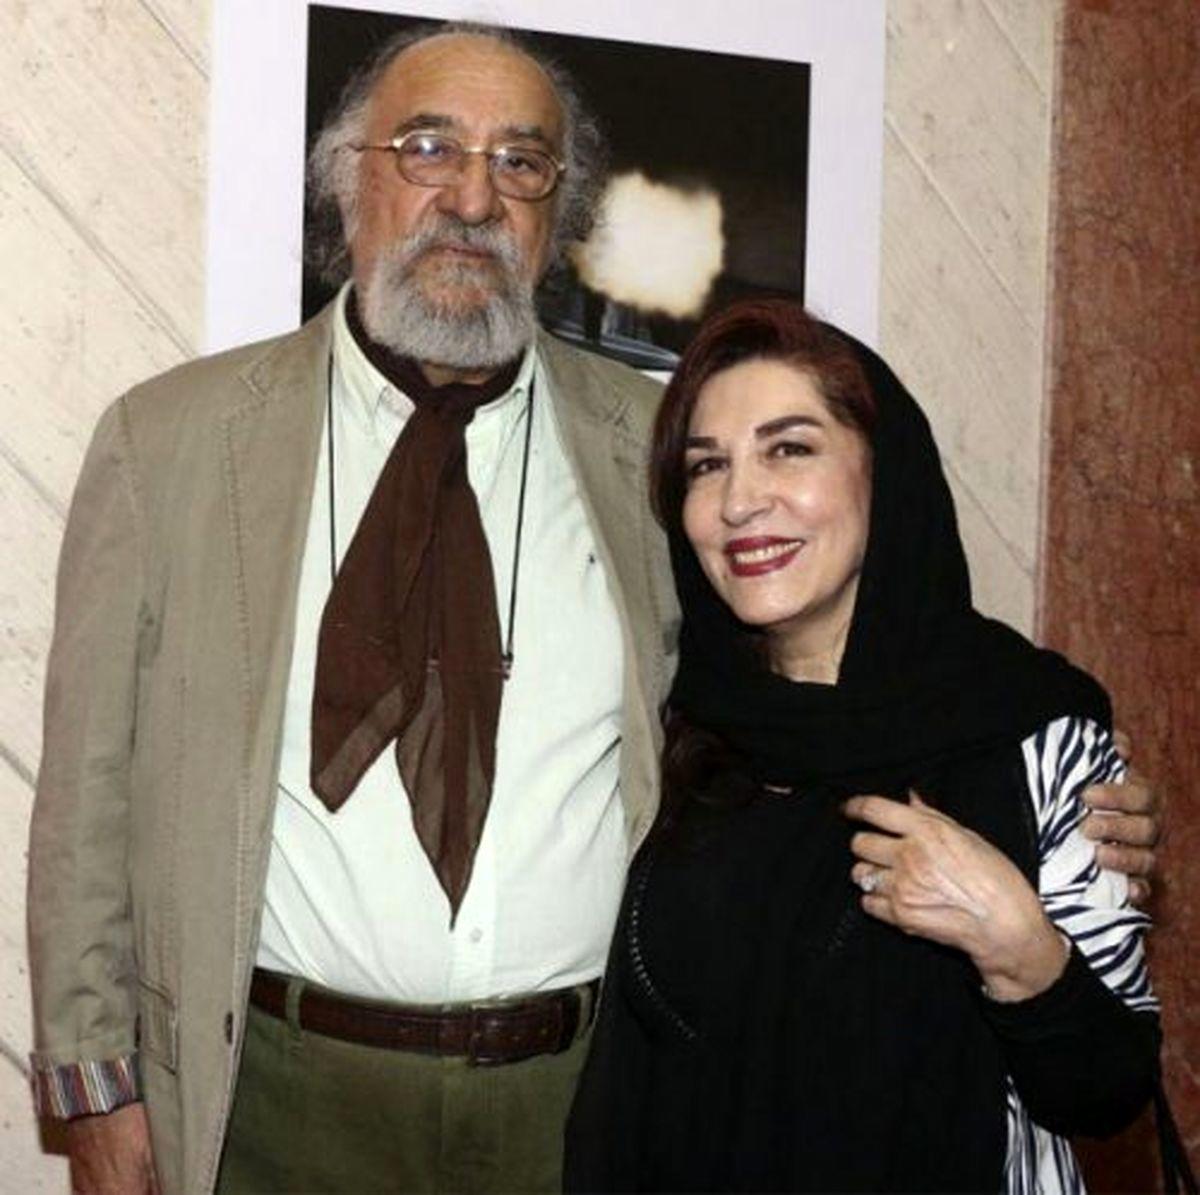 بیوگرافی داریوش ارجمند و همسرش + تصاویر جدید